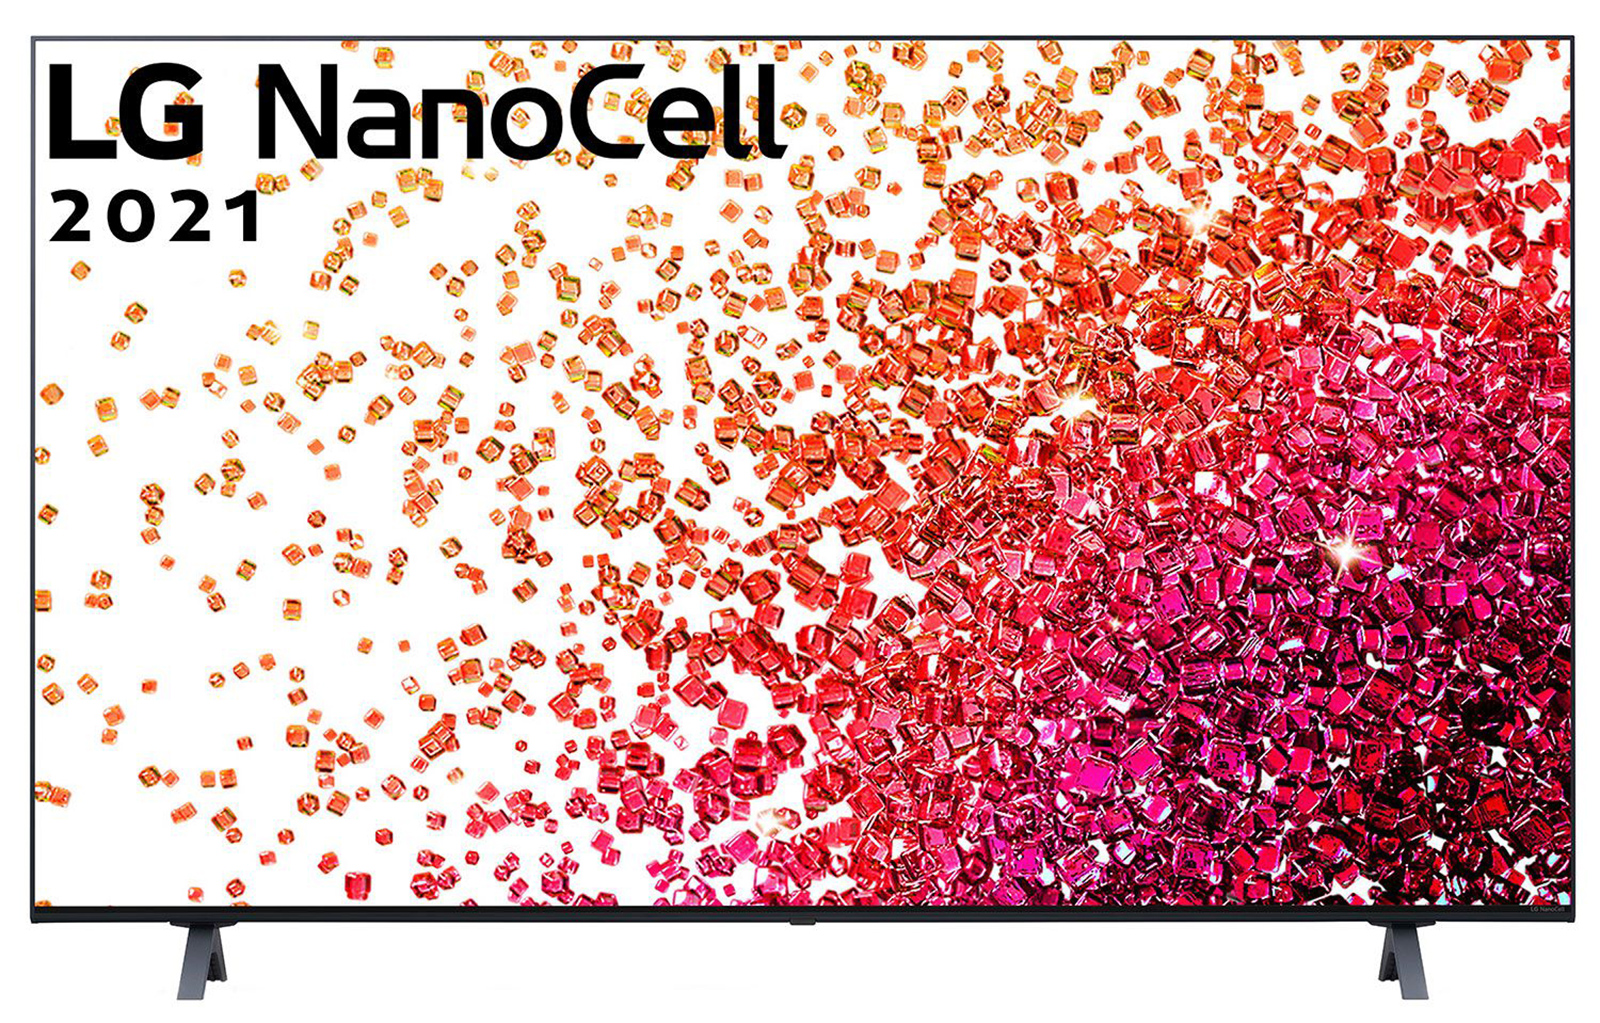 LG Nanocell Nano756